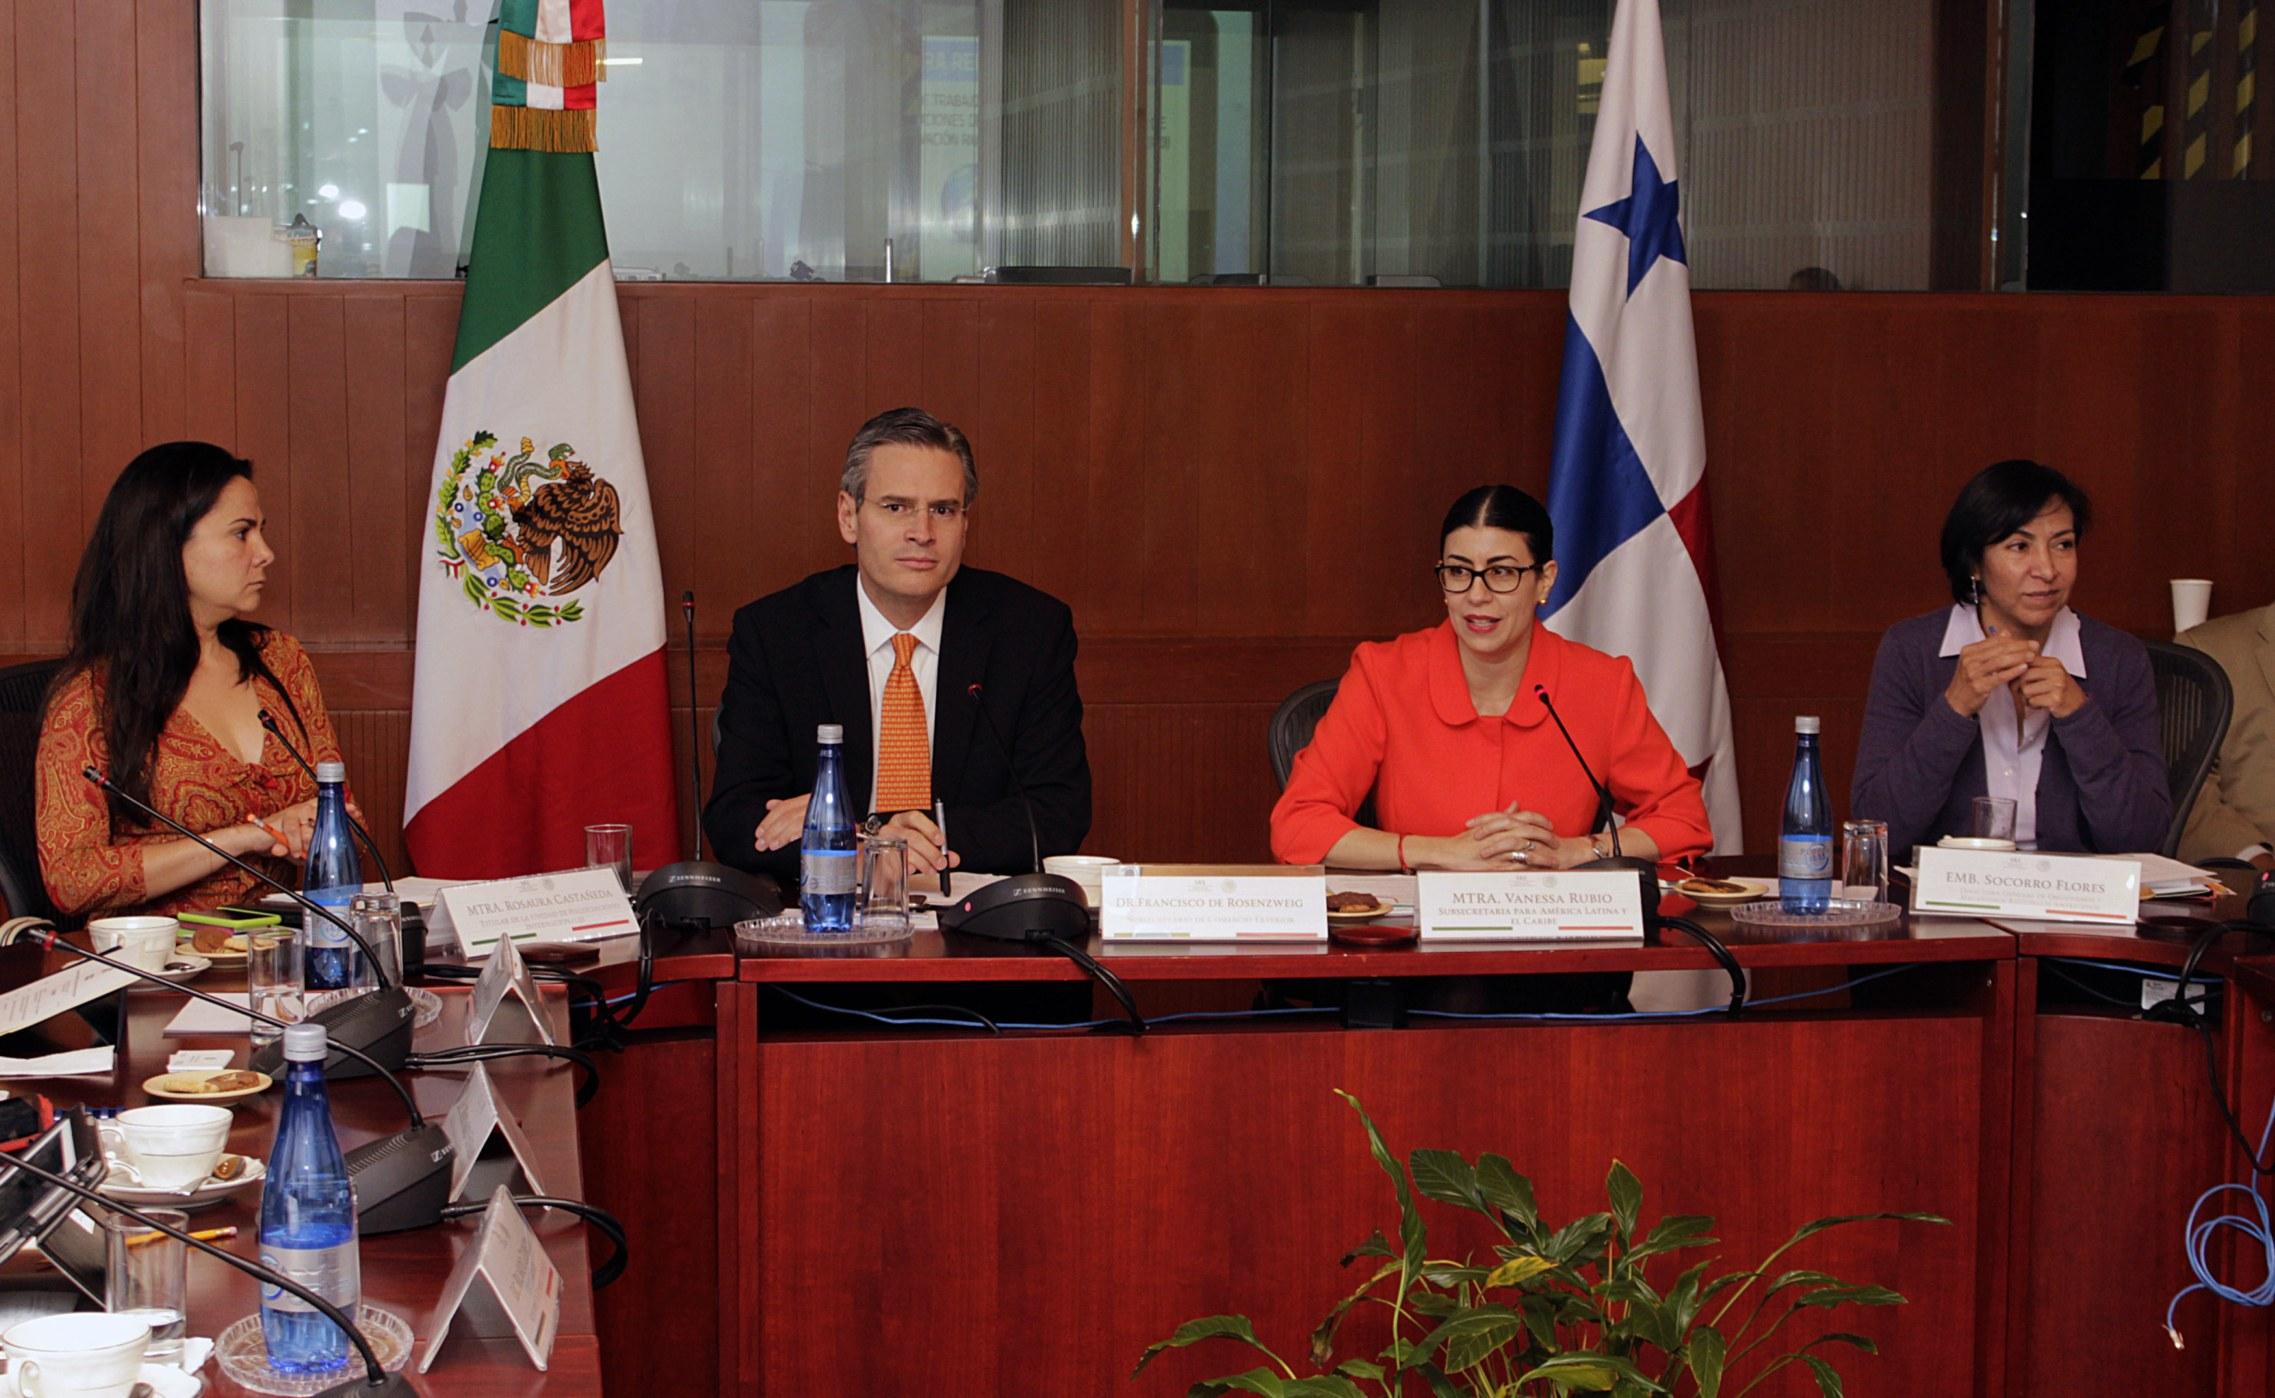 FOTO 2 Seminario de Alto Nivel de la Alianza del Pac fico para Panam jpg